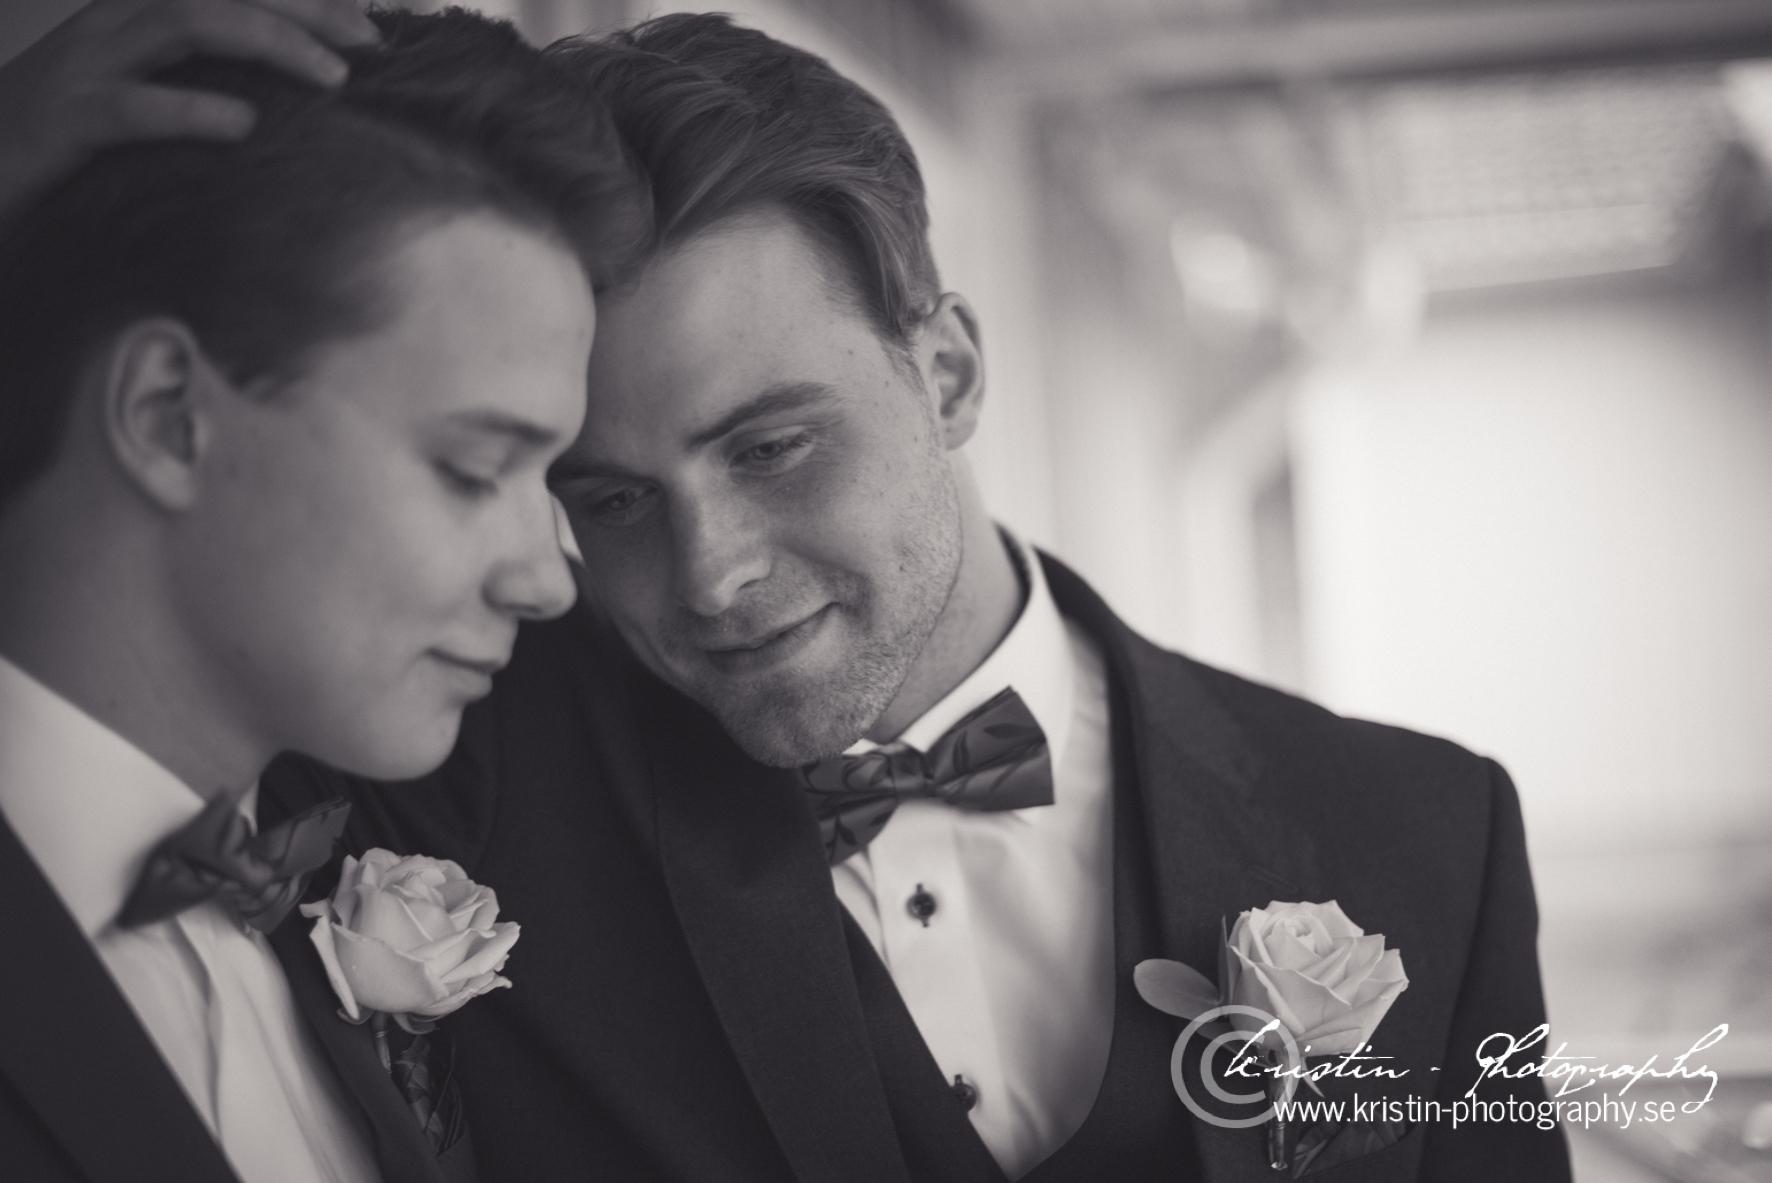 Bröllopsfotograf i Eskilstuna, Kristin - Photography-35.jpg